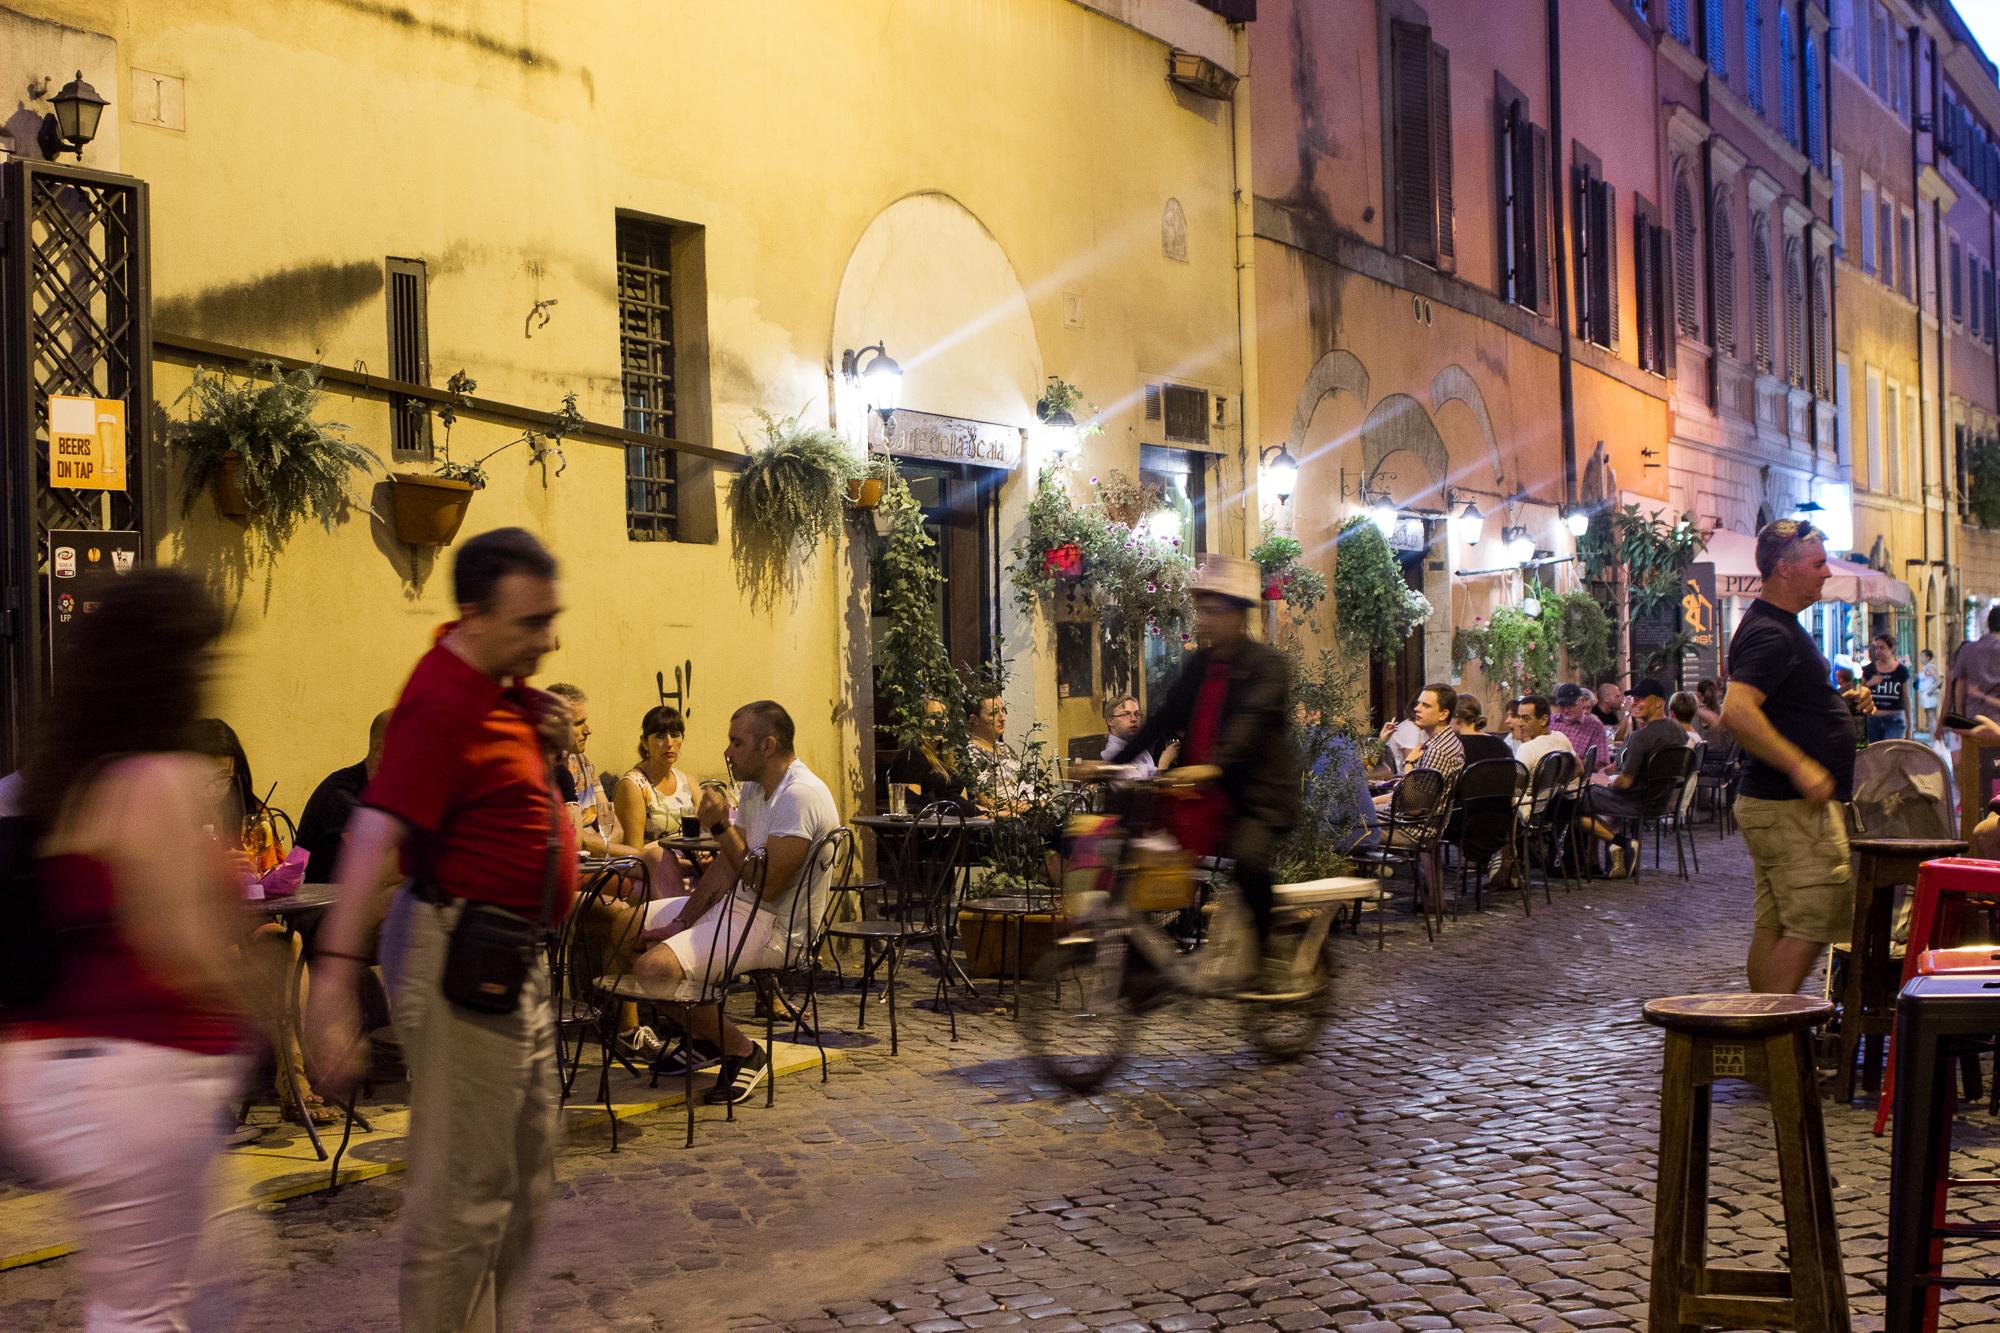 Terrasses animées du quartier de Trastevere la nuit, Rome, Italie